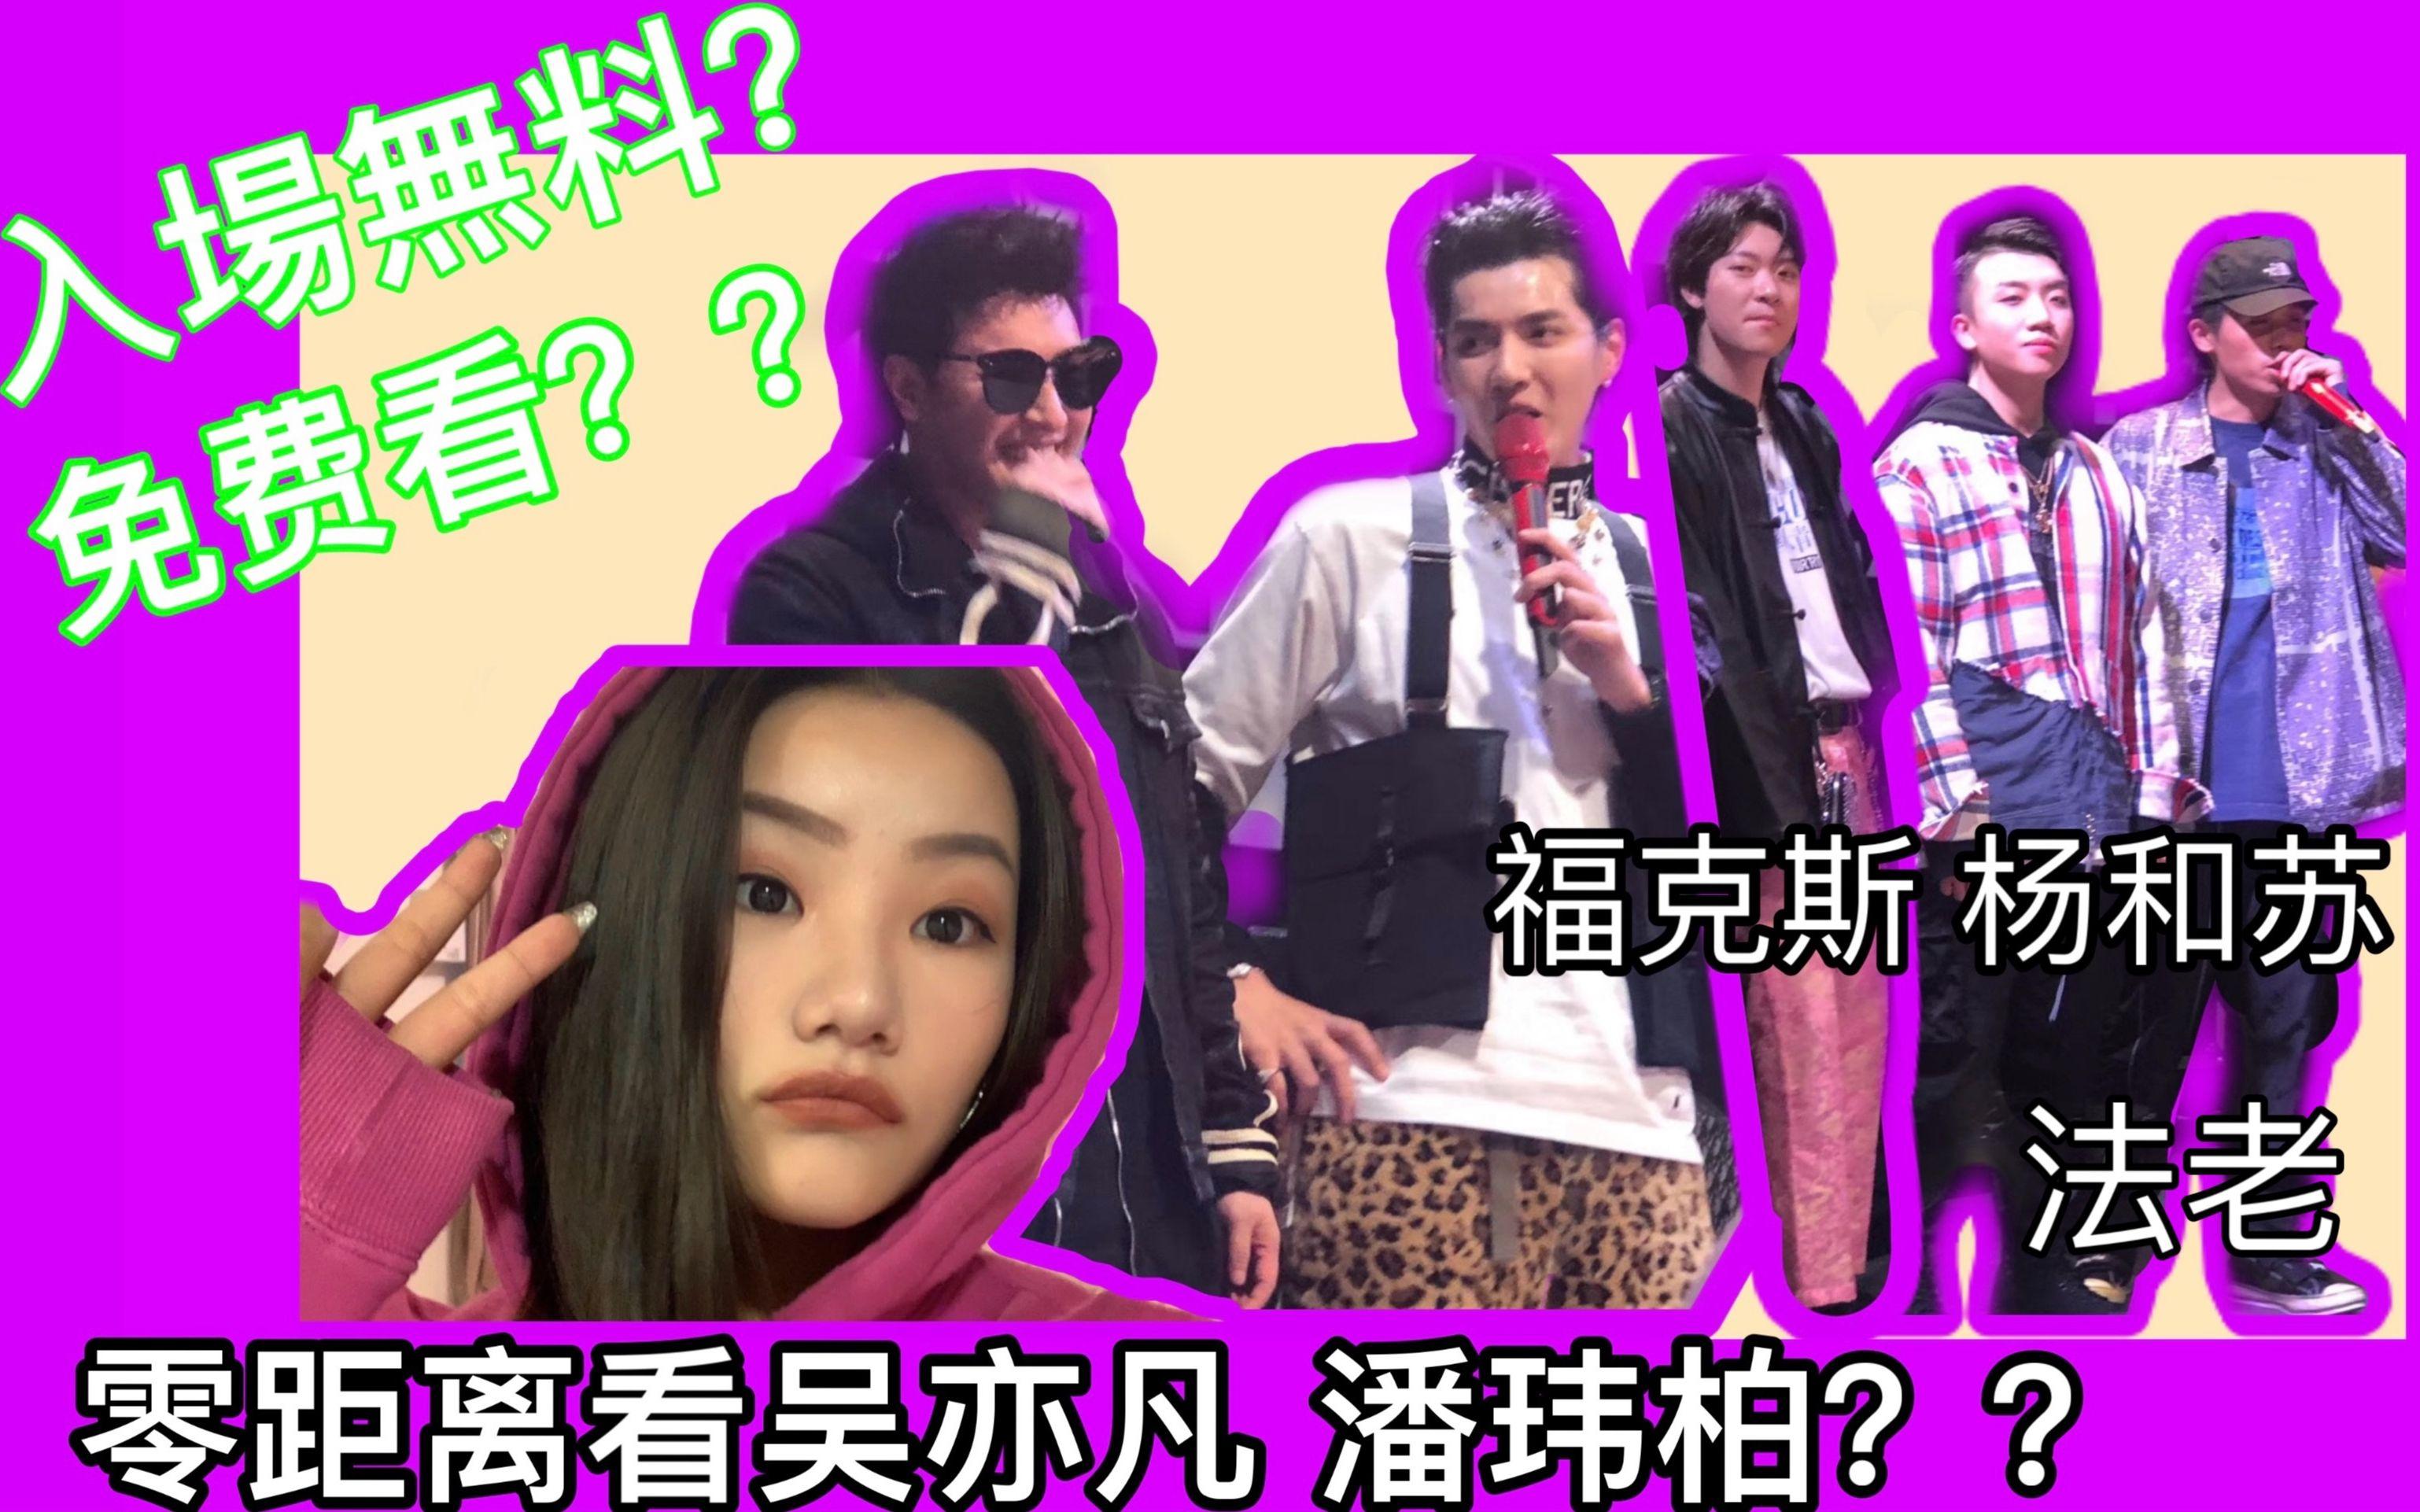 啊哦Vlog1||去新宿歌舞伎町免费听吴亦凡 潘玮柏 福克斯 杨和苏 法老饶舌??潮流合伙人现场??和我一起去感受下吧